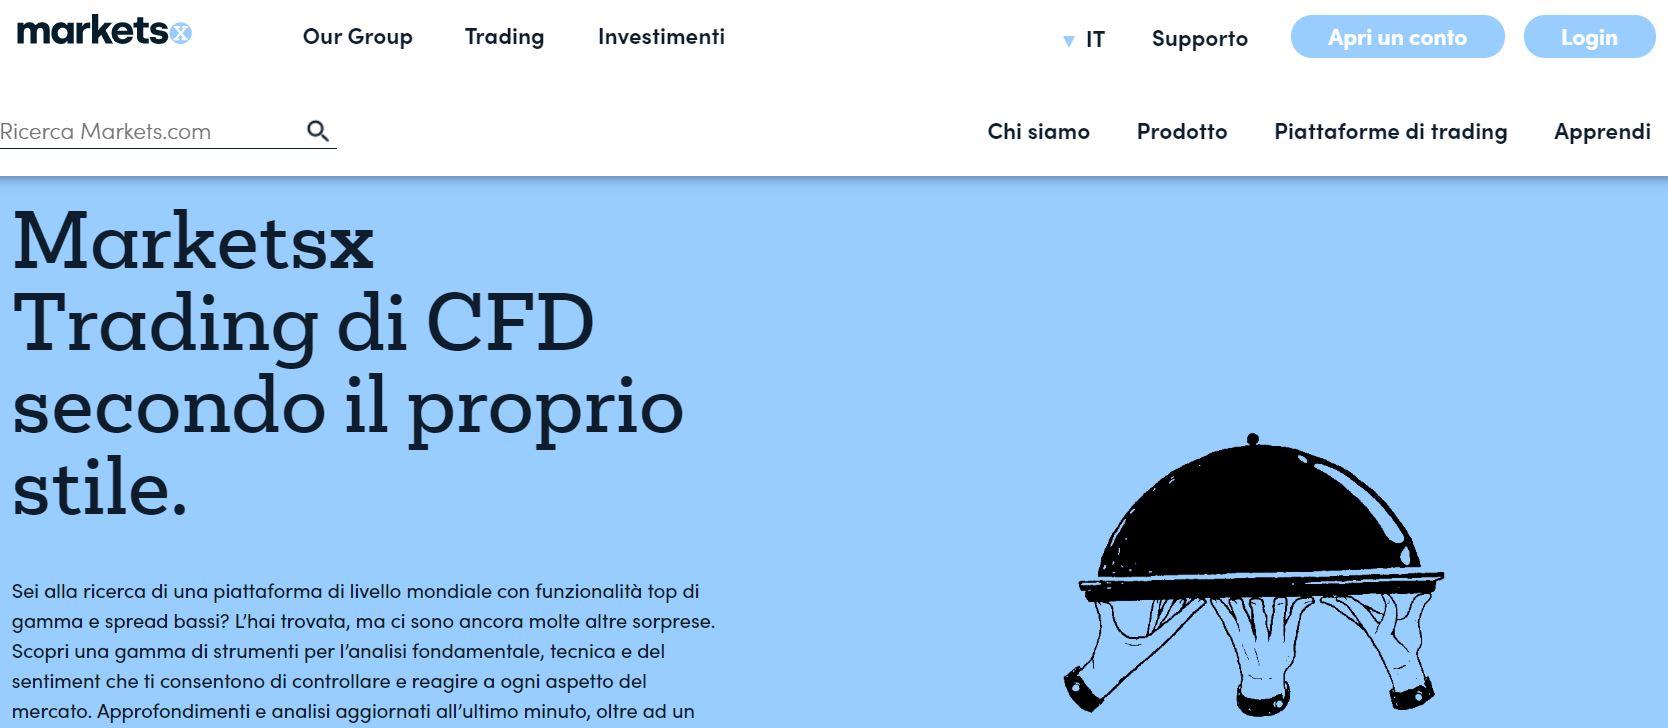 marketsx forex